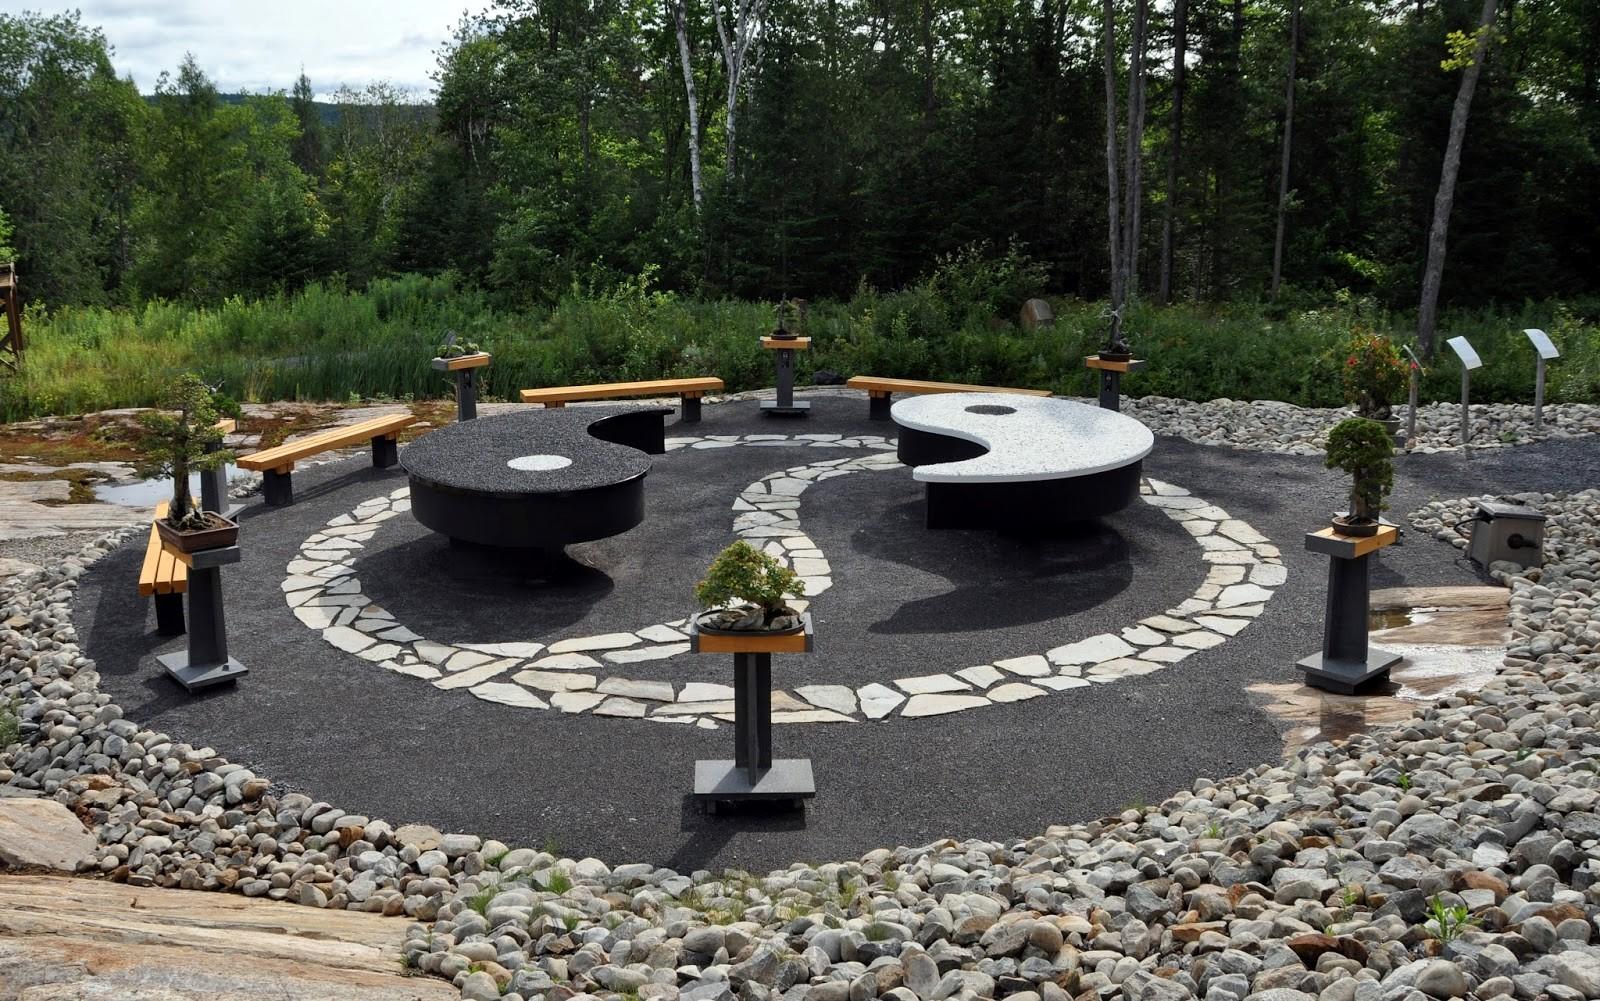 10 beaux jardins visiter cet t dans lanaudi re for Visiter les plus beaux jardins anglais